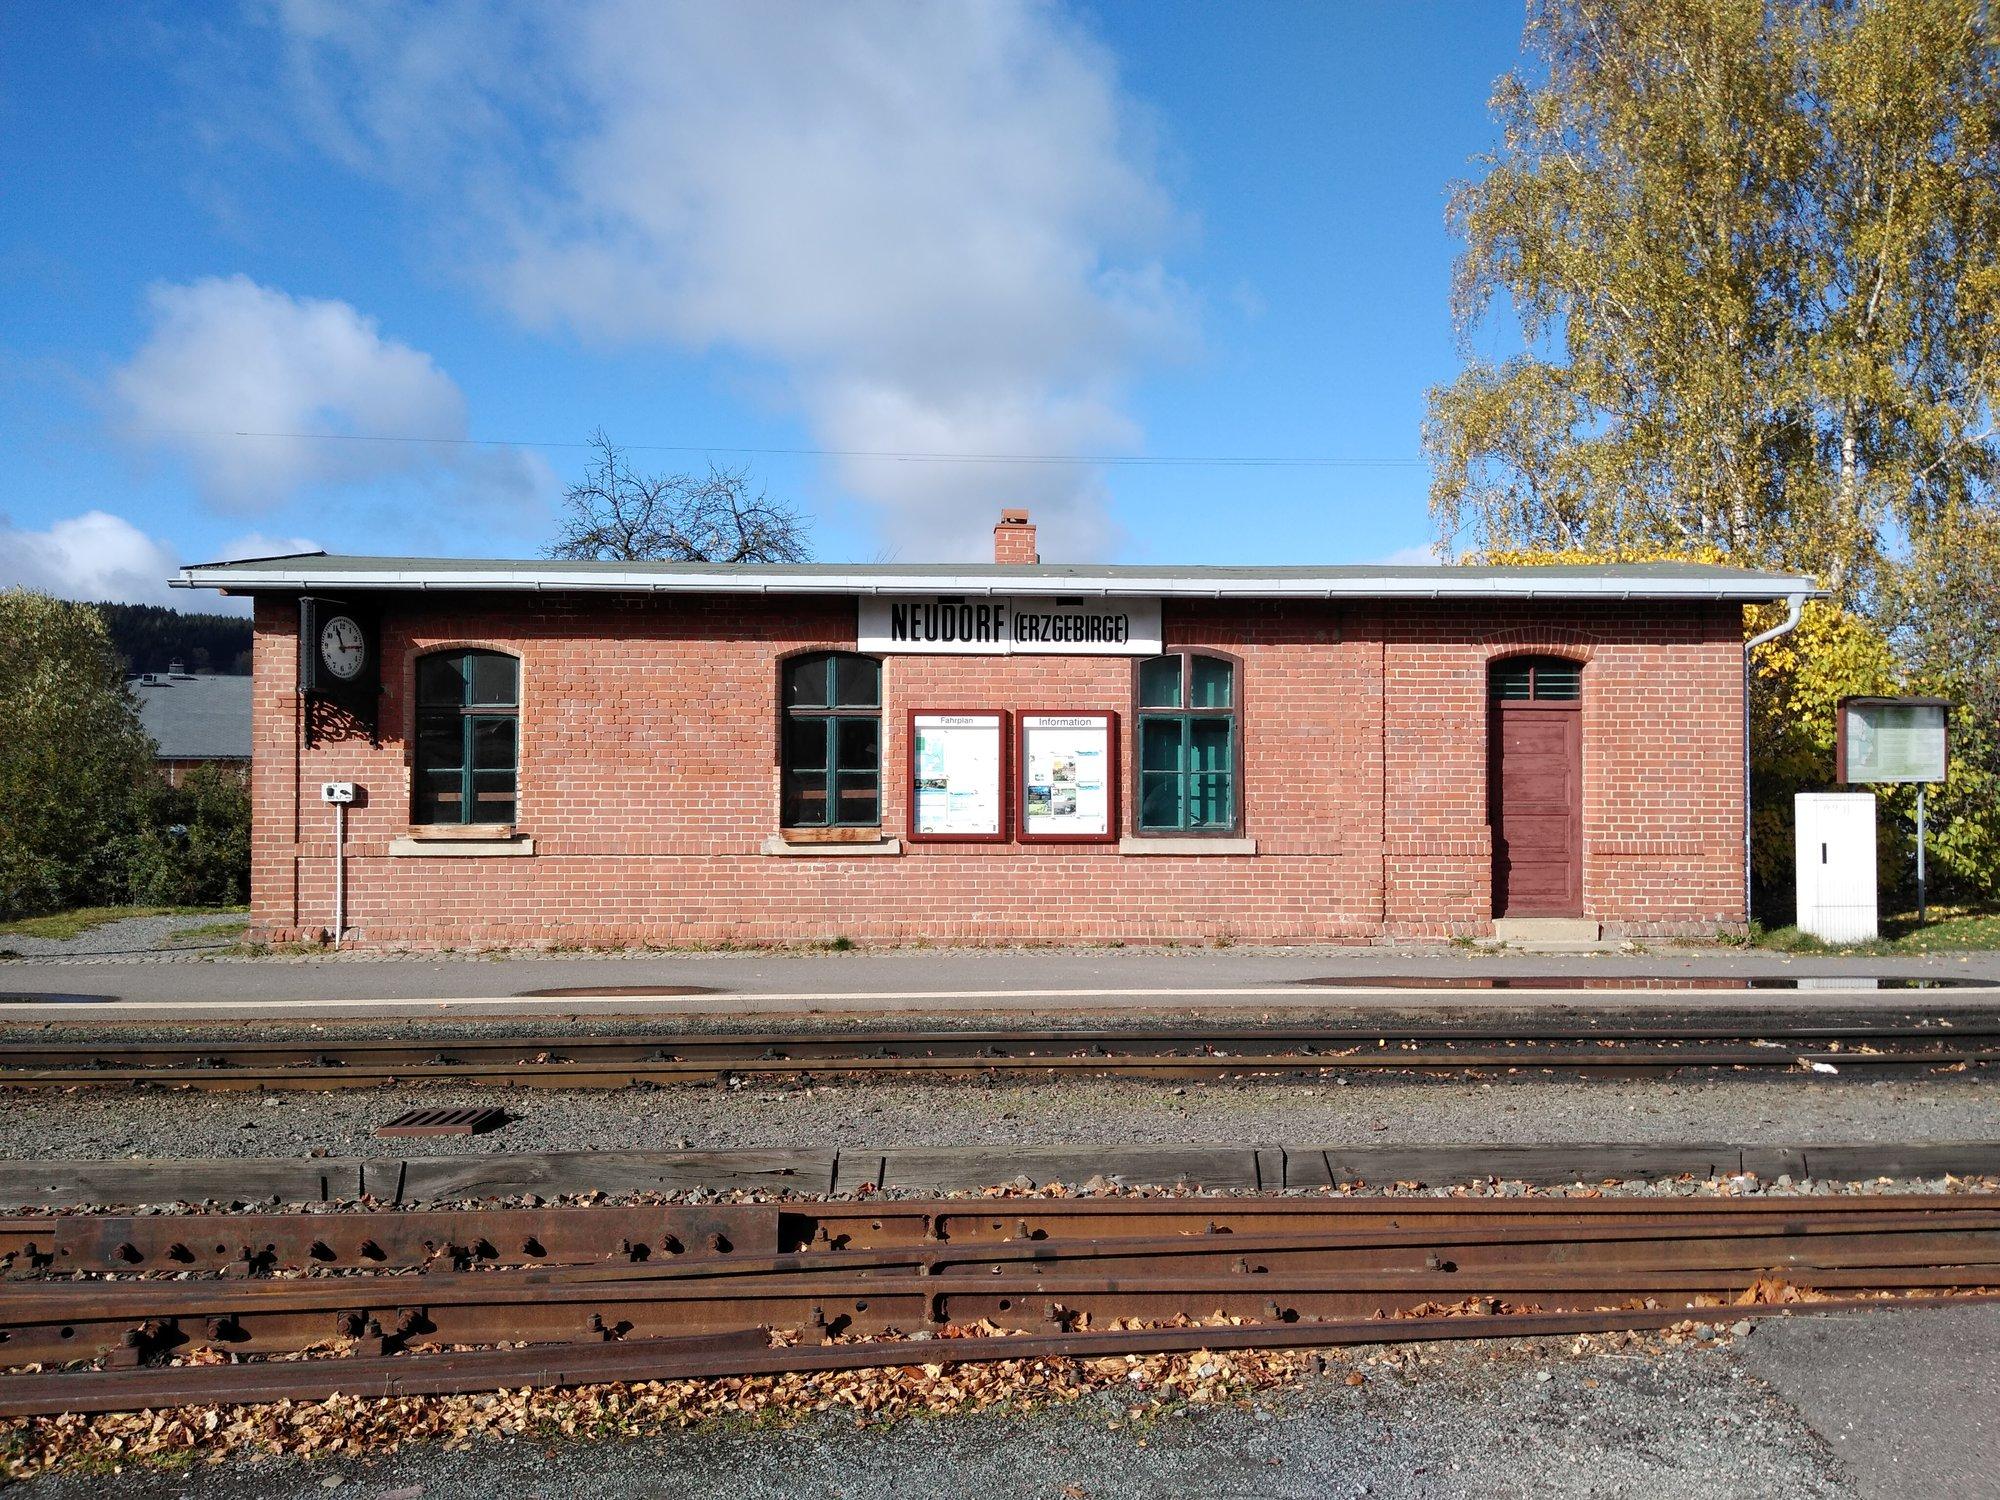 stanice Neudorf